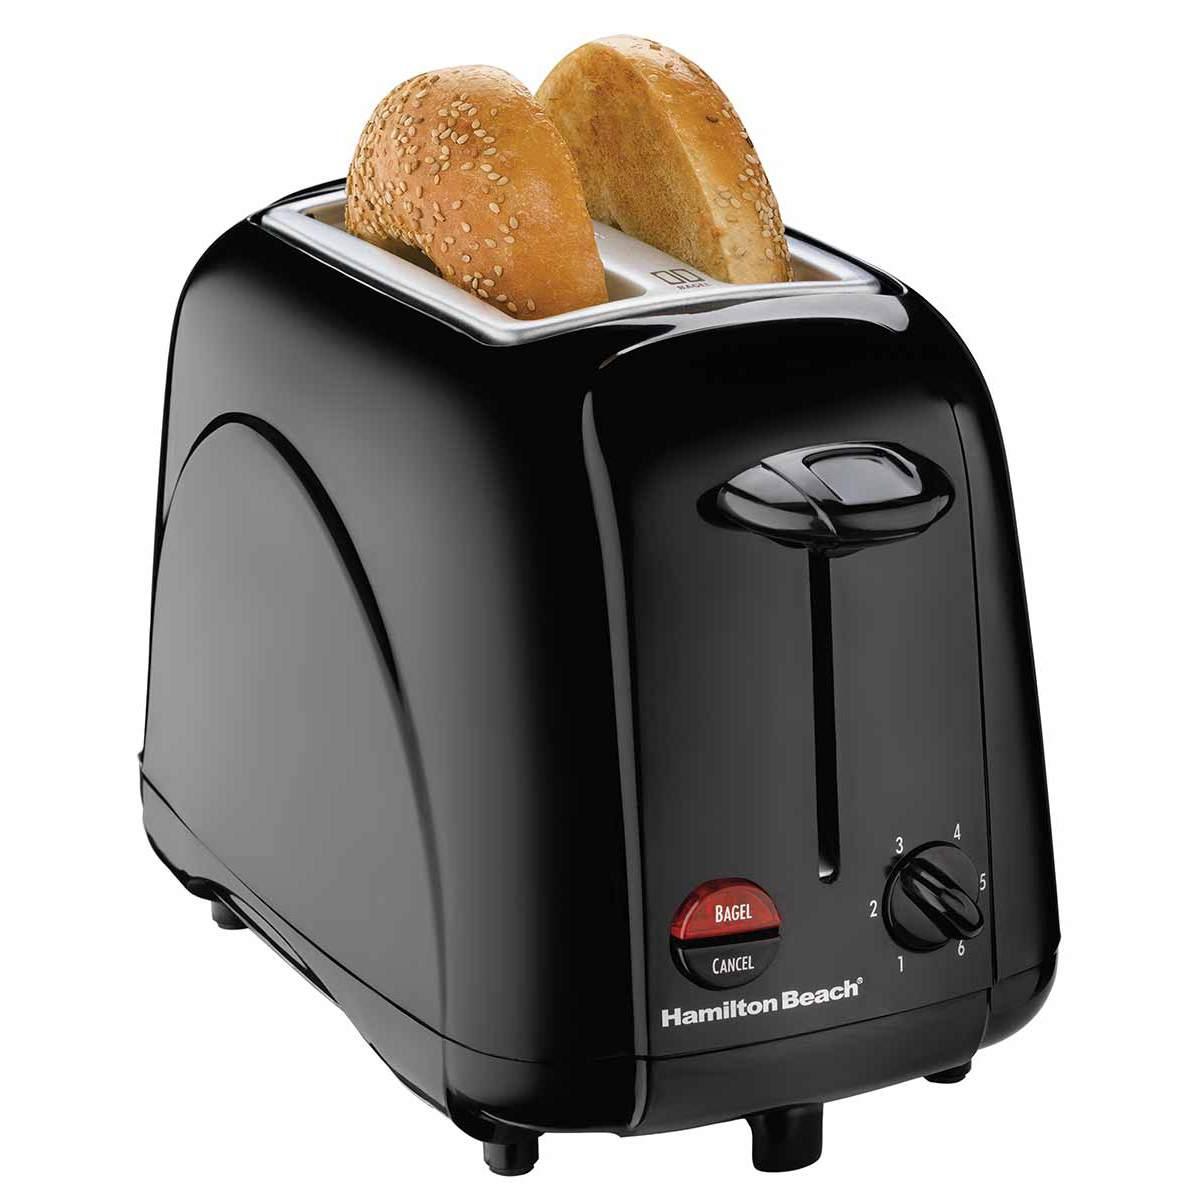 2 Slice Bagel Toaster - Black (22201)